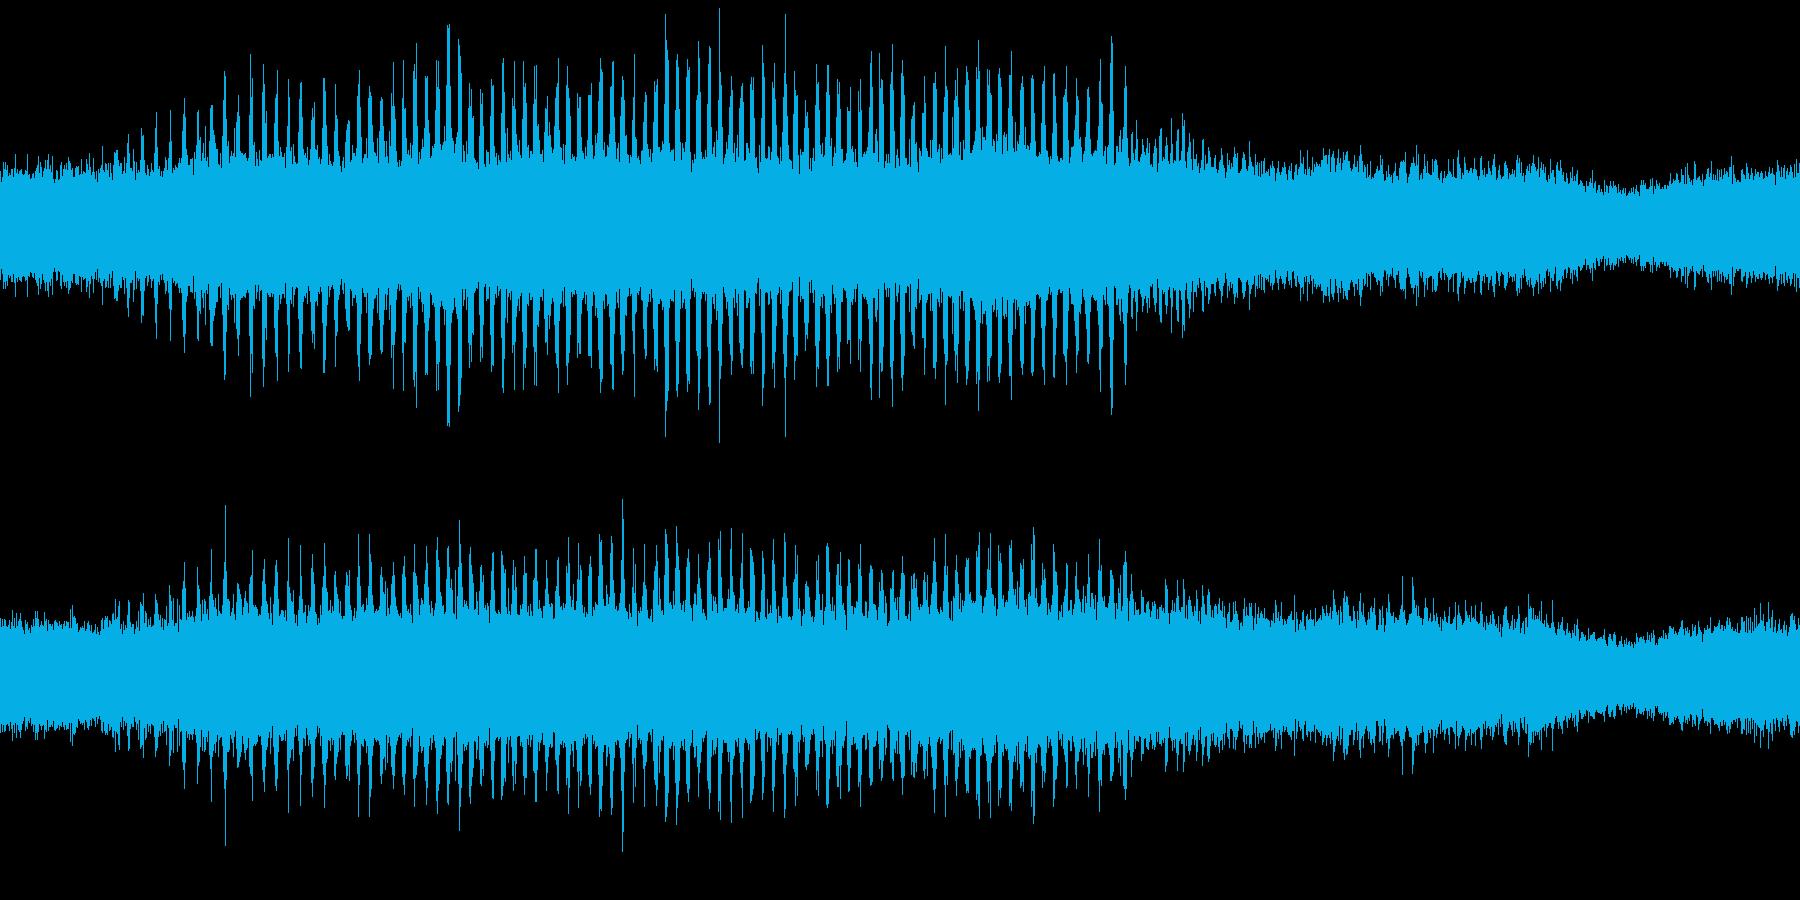 環境音蝉の鳴き声ミンミン30秒ループ処理の再生済みの波形